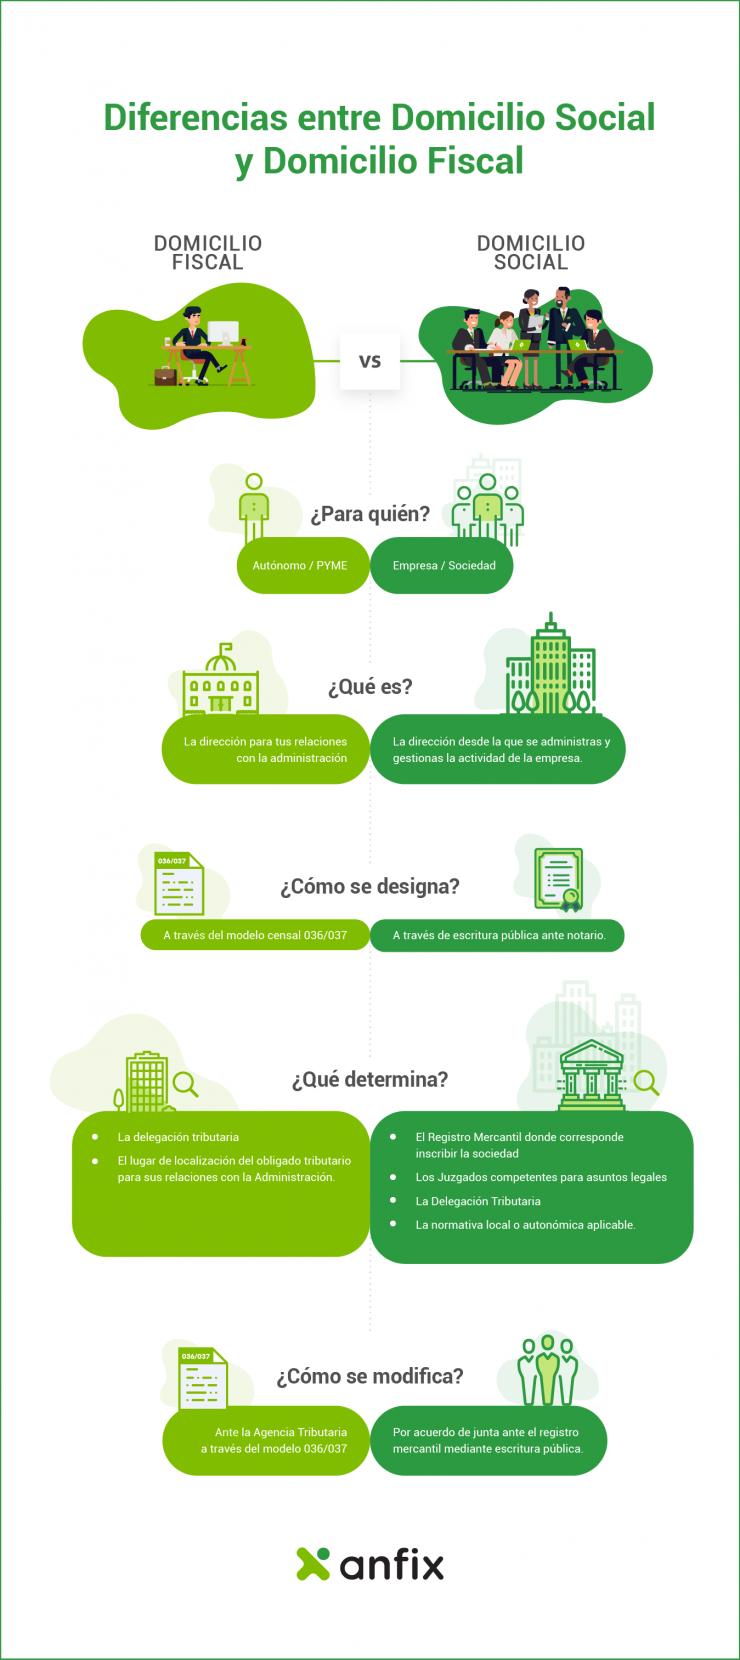 infografia domicilio fiscal y social